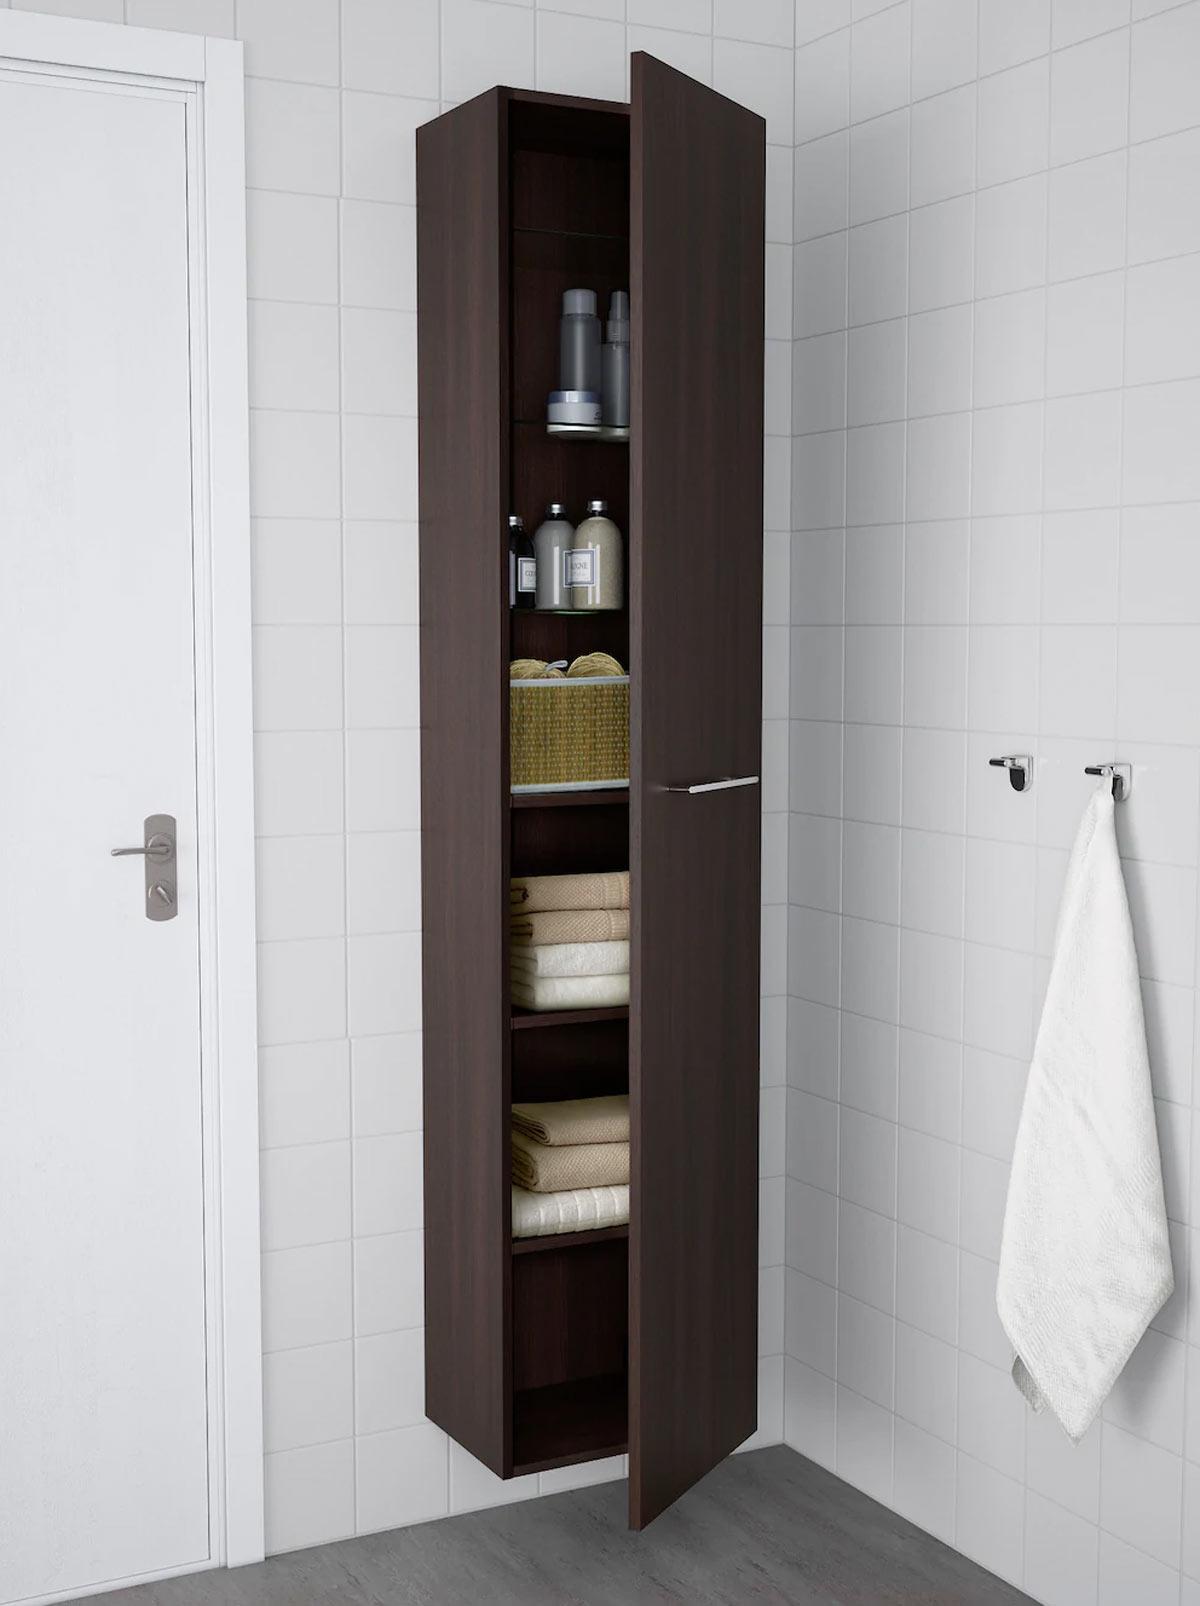 Un'ampia gamma di mobili da bagno e accessori si trovano nello shop online o presso il tuo negozio obi! Ikea Bagno I Mobili Del Catalogo 2020 Lasciati Ispirare